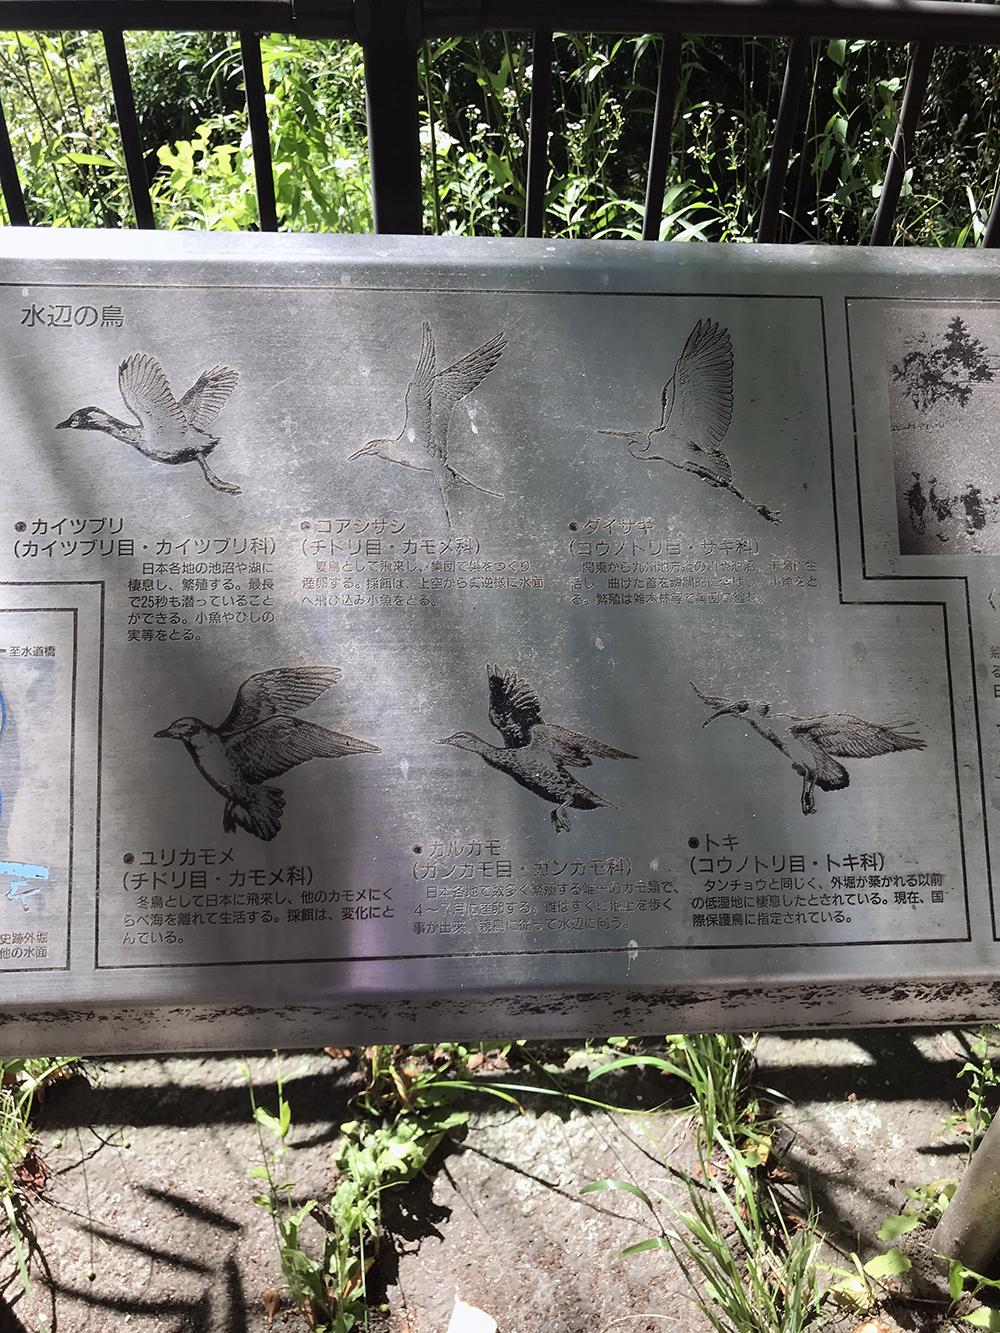 外濠公園に生息する鳥の標識